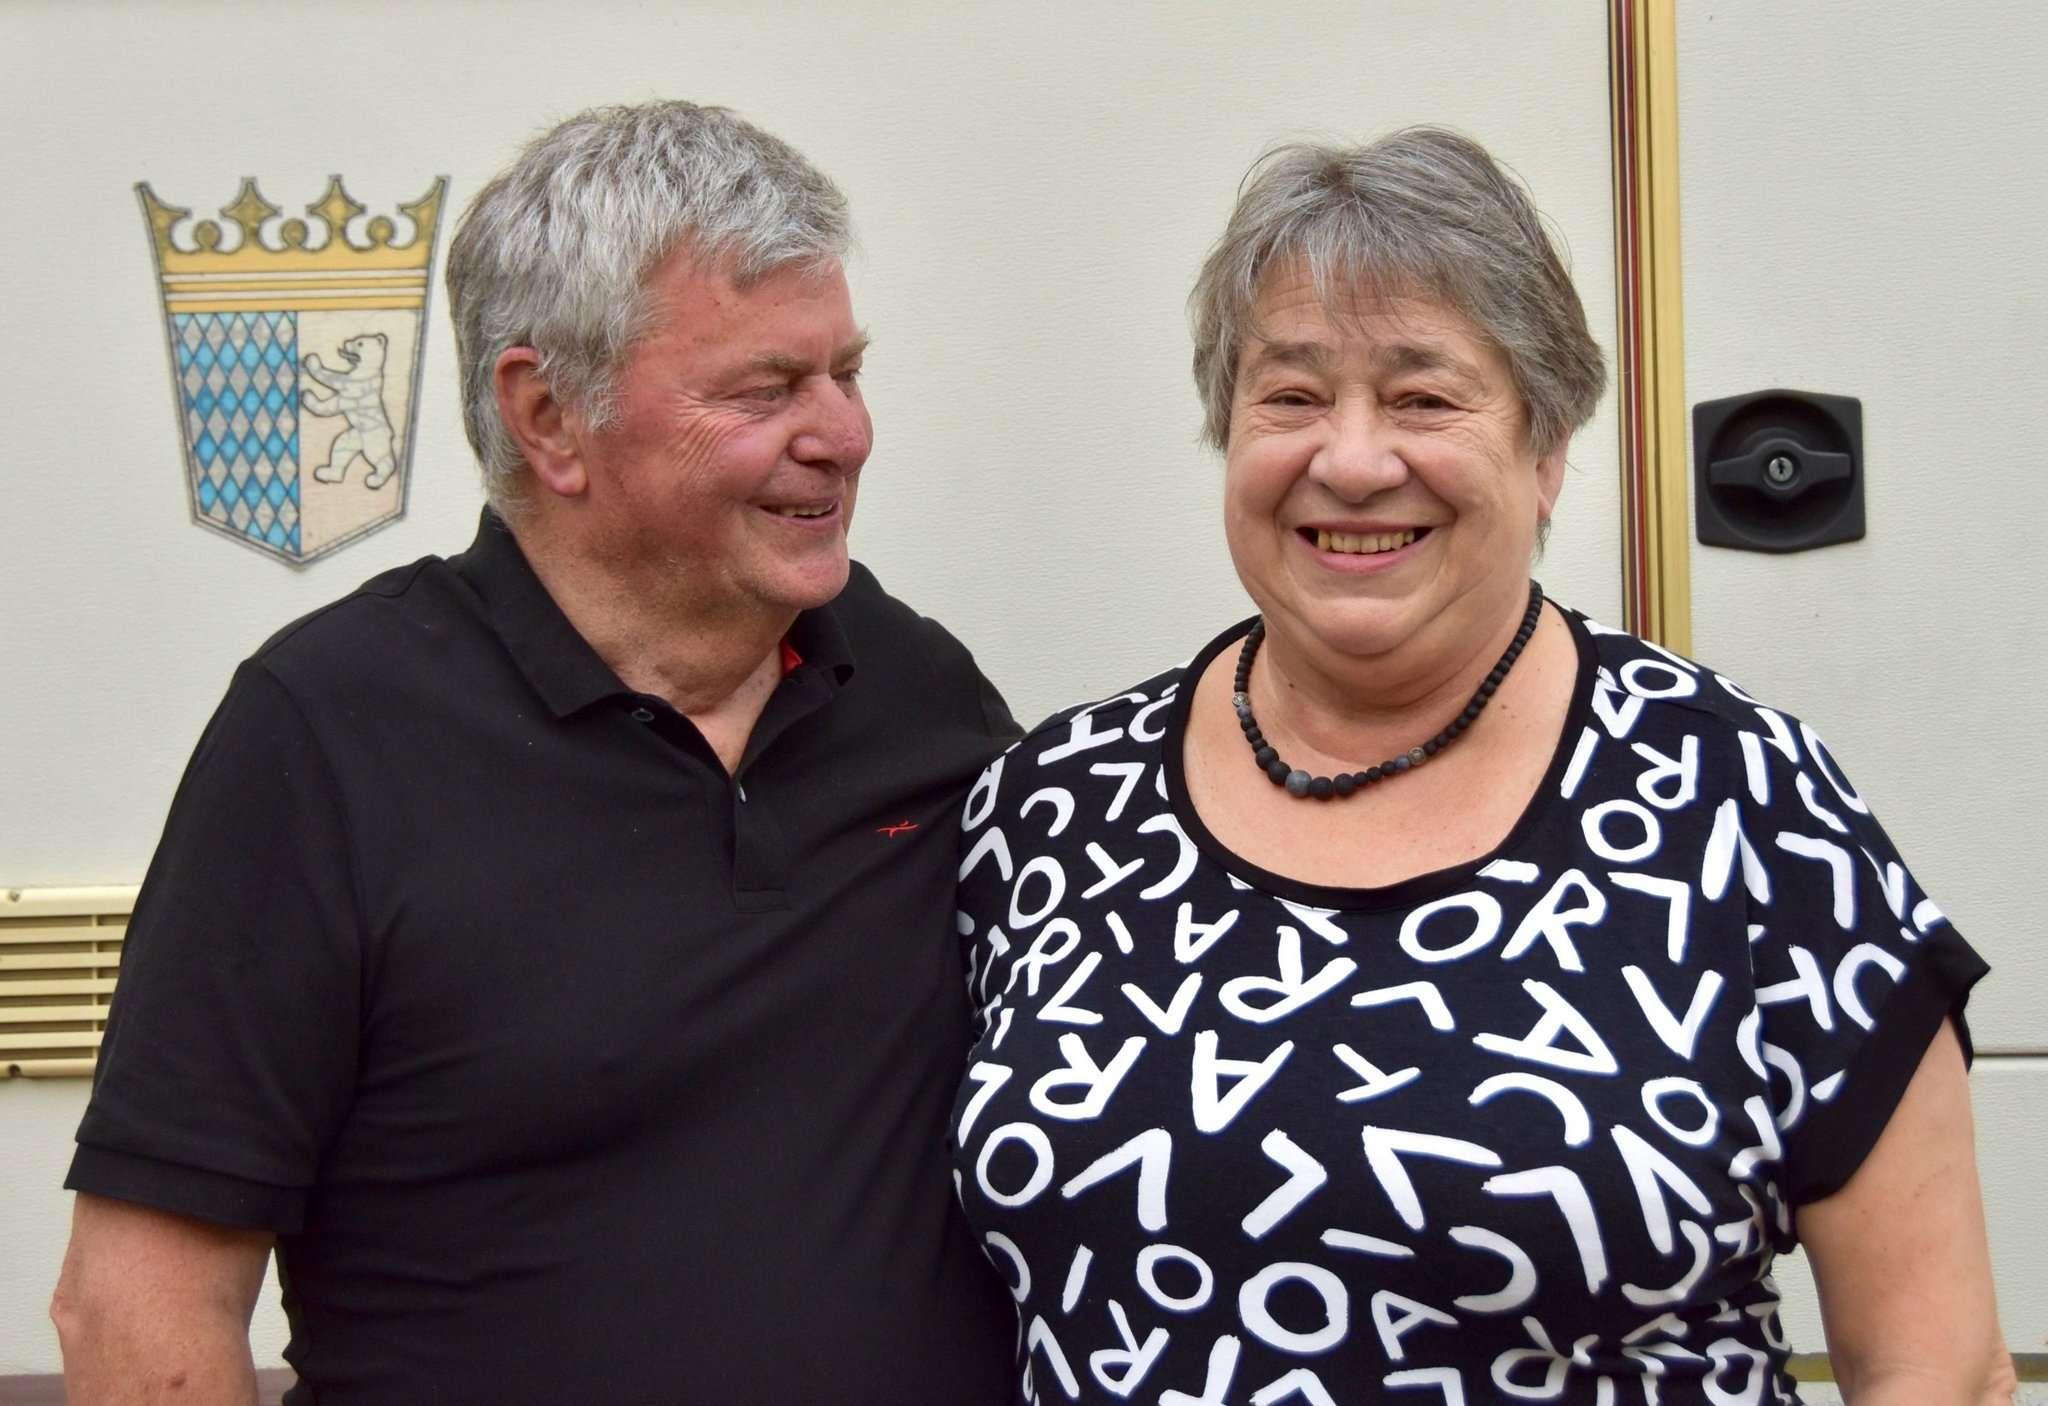 Renate und Hans Erich Fischer vor ihrem Wohnmobil: Sobald es die Corona-Krise zulässt, wollen die beiden wieder auf größere Reisen gehen. Foto: Judith Tausendfreund